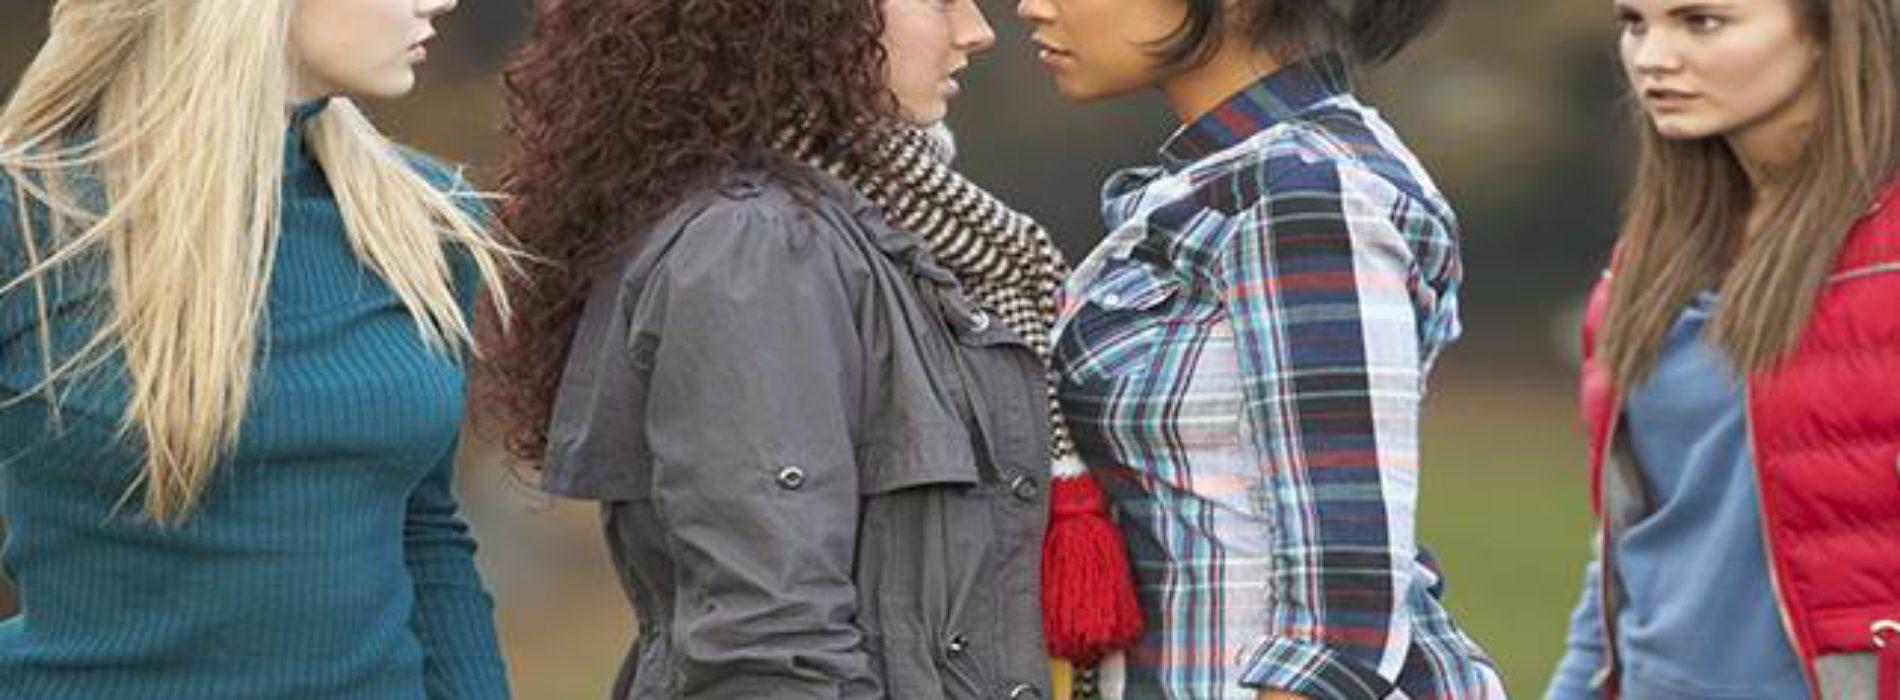 Episode #27: Smart Girls vs. Mean Girls